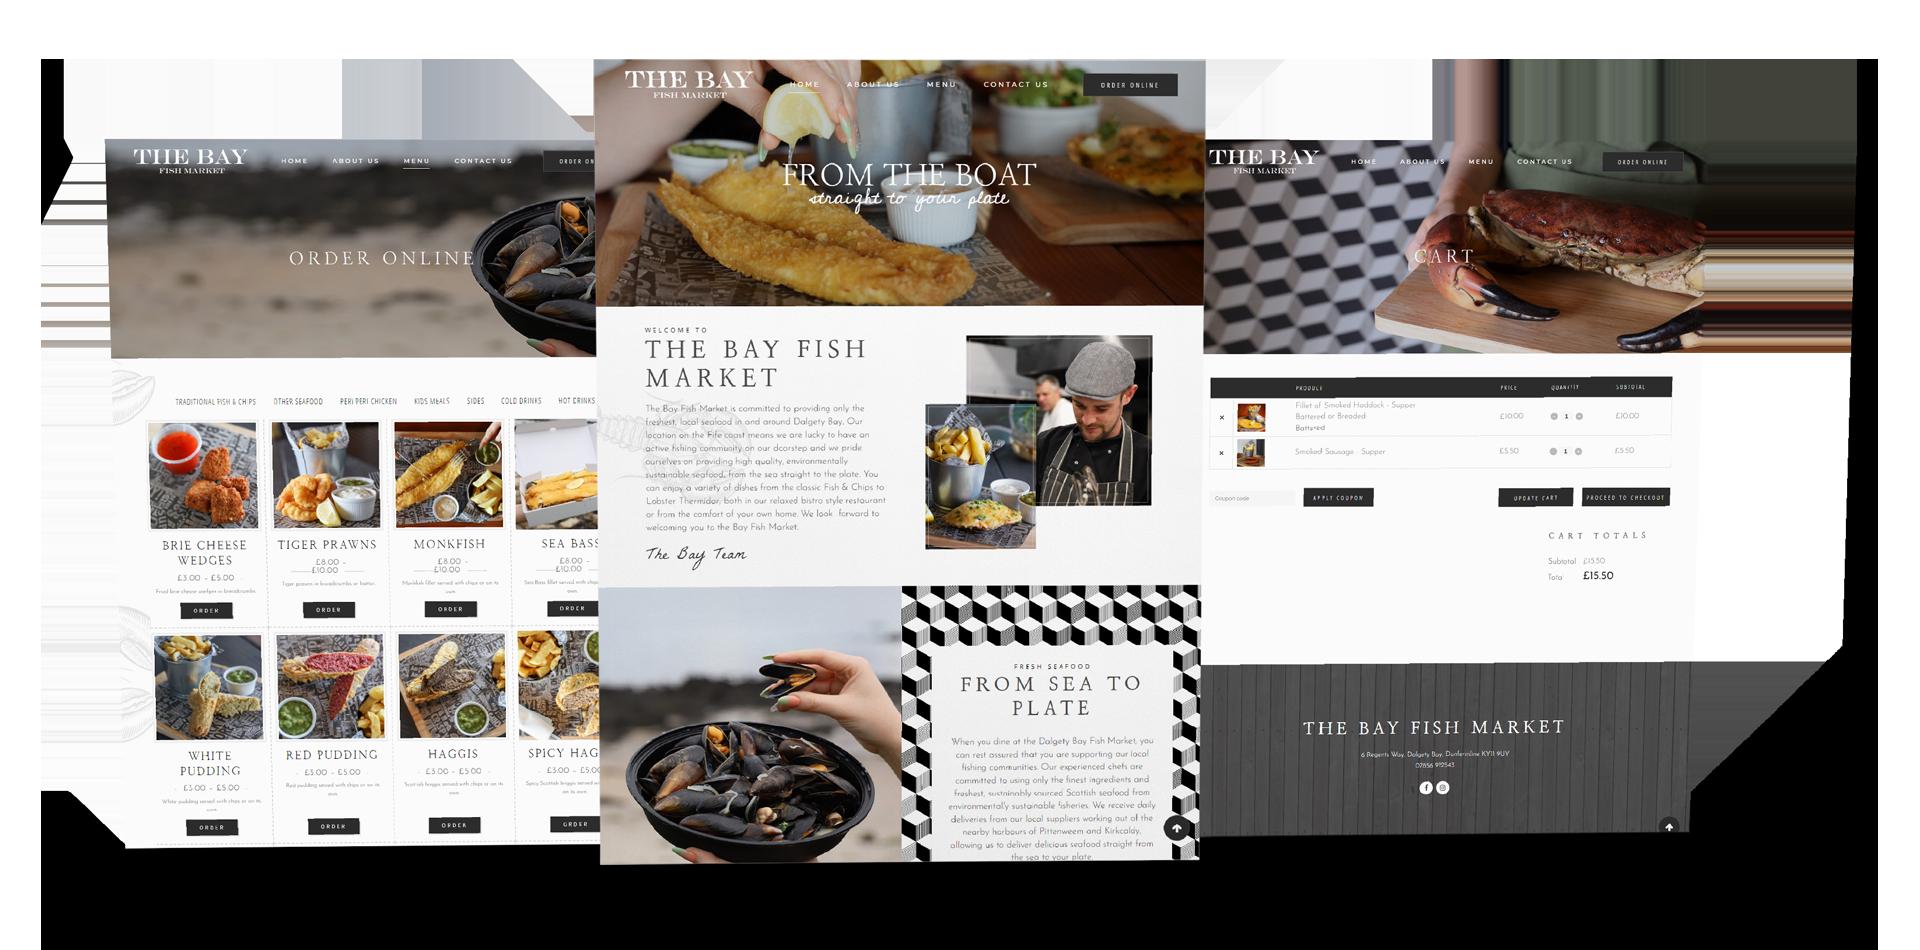 dundee takeaway website design